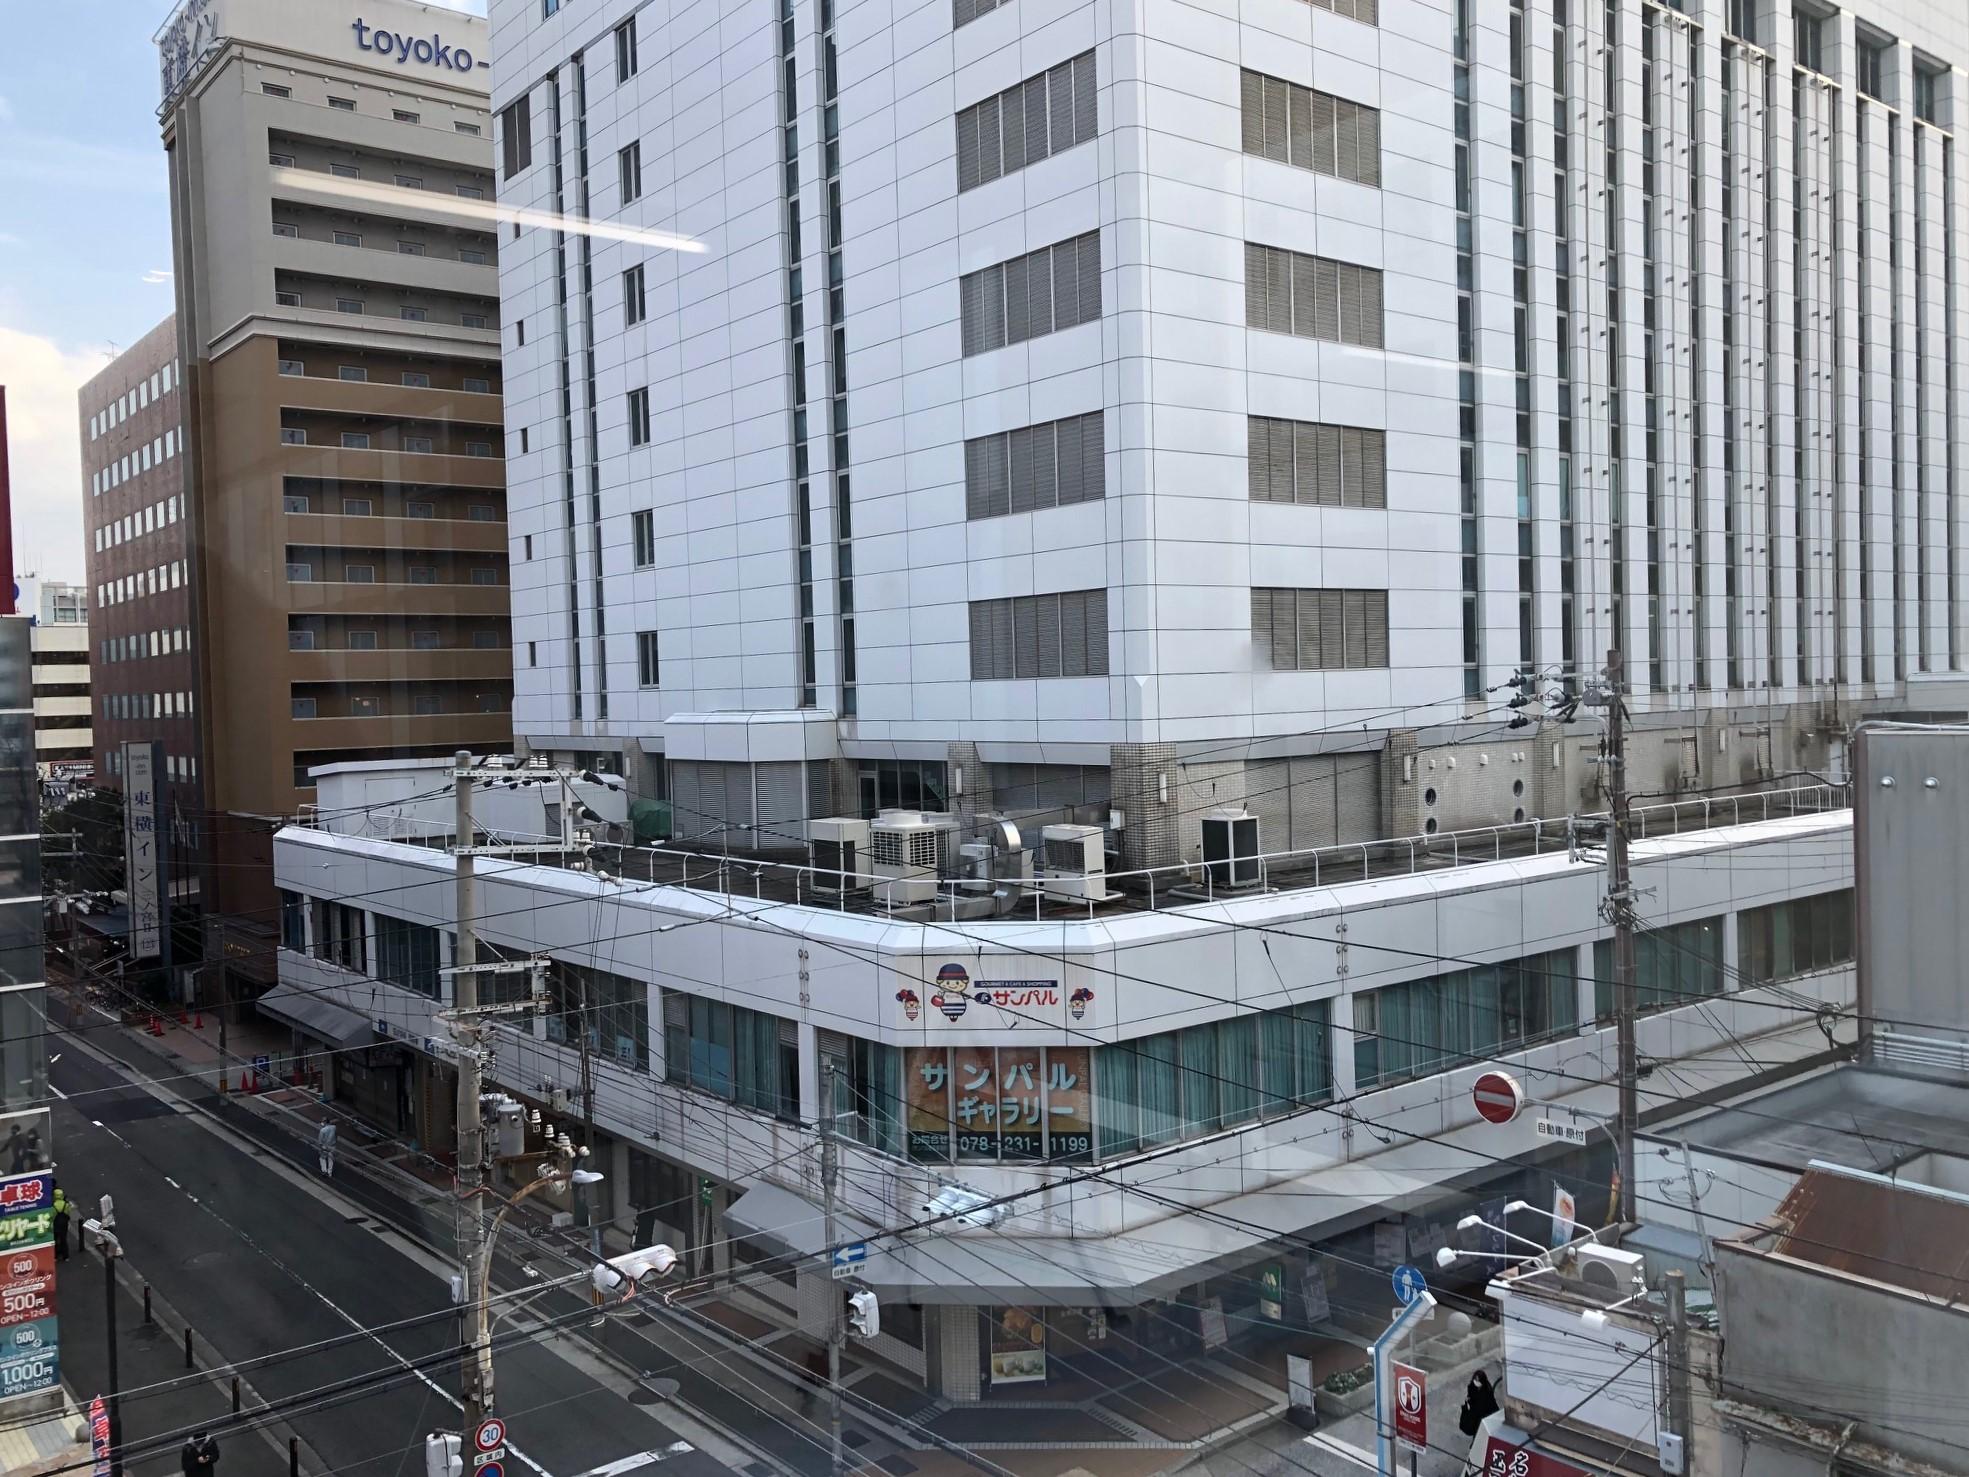 計画地となる雲井通5丁目の区画を北東から撮影。手前に見えるのがサンパルで、左奥には東横インと神戸市中央区役所が並ぶ。